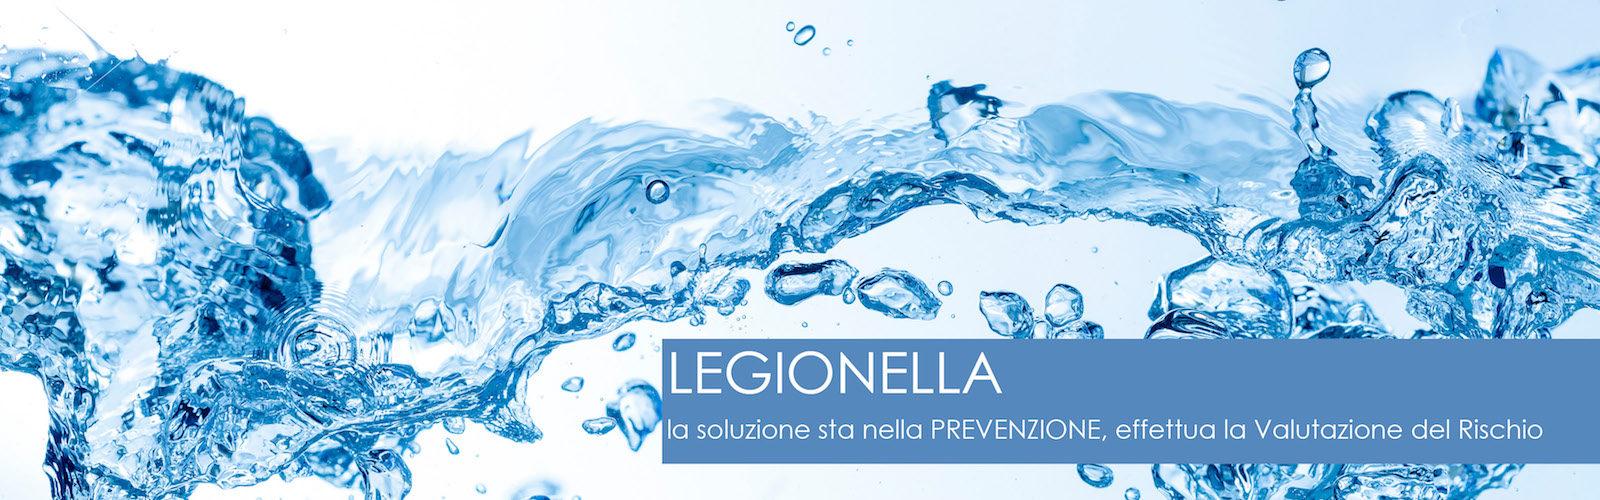 legionella_valutazione_del_rischio